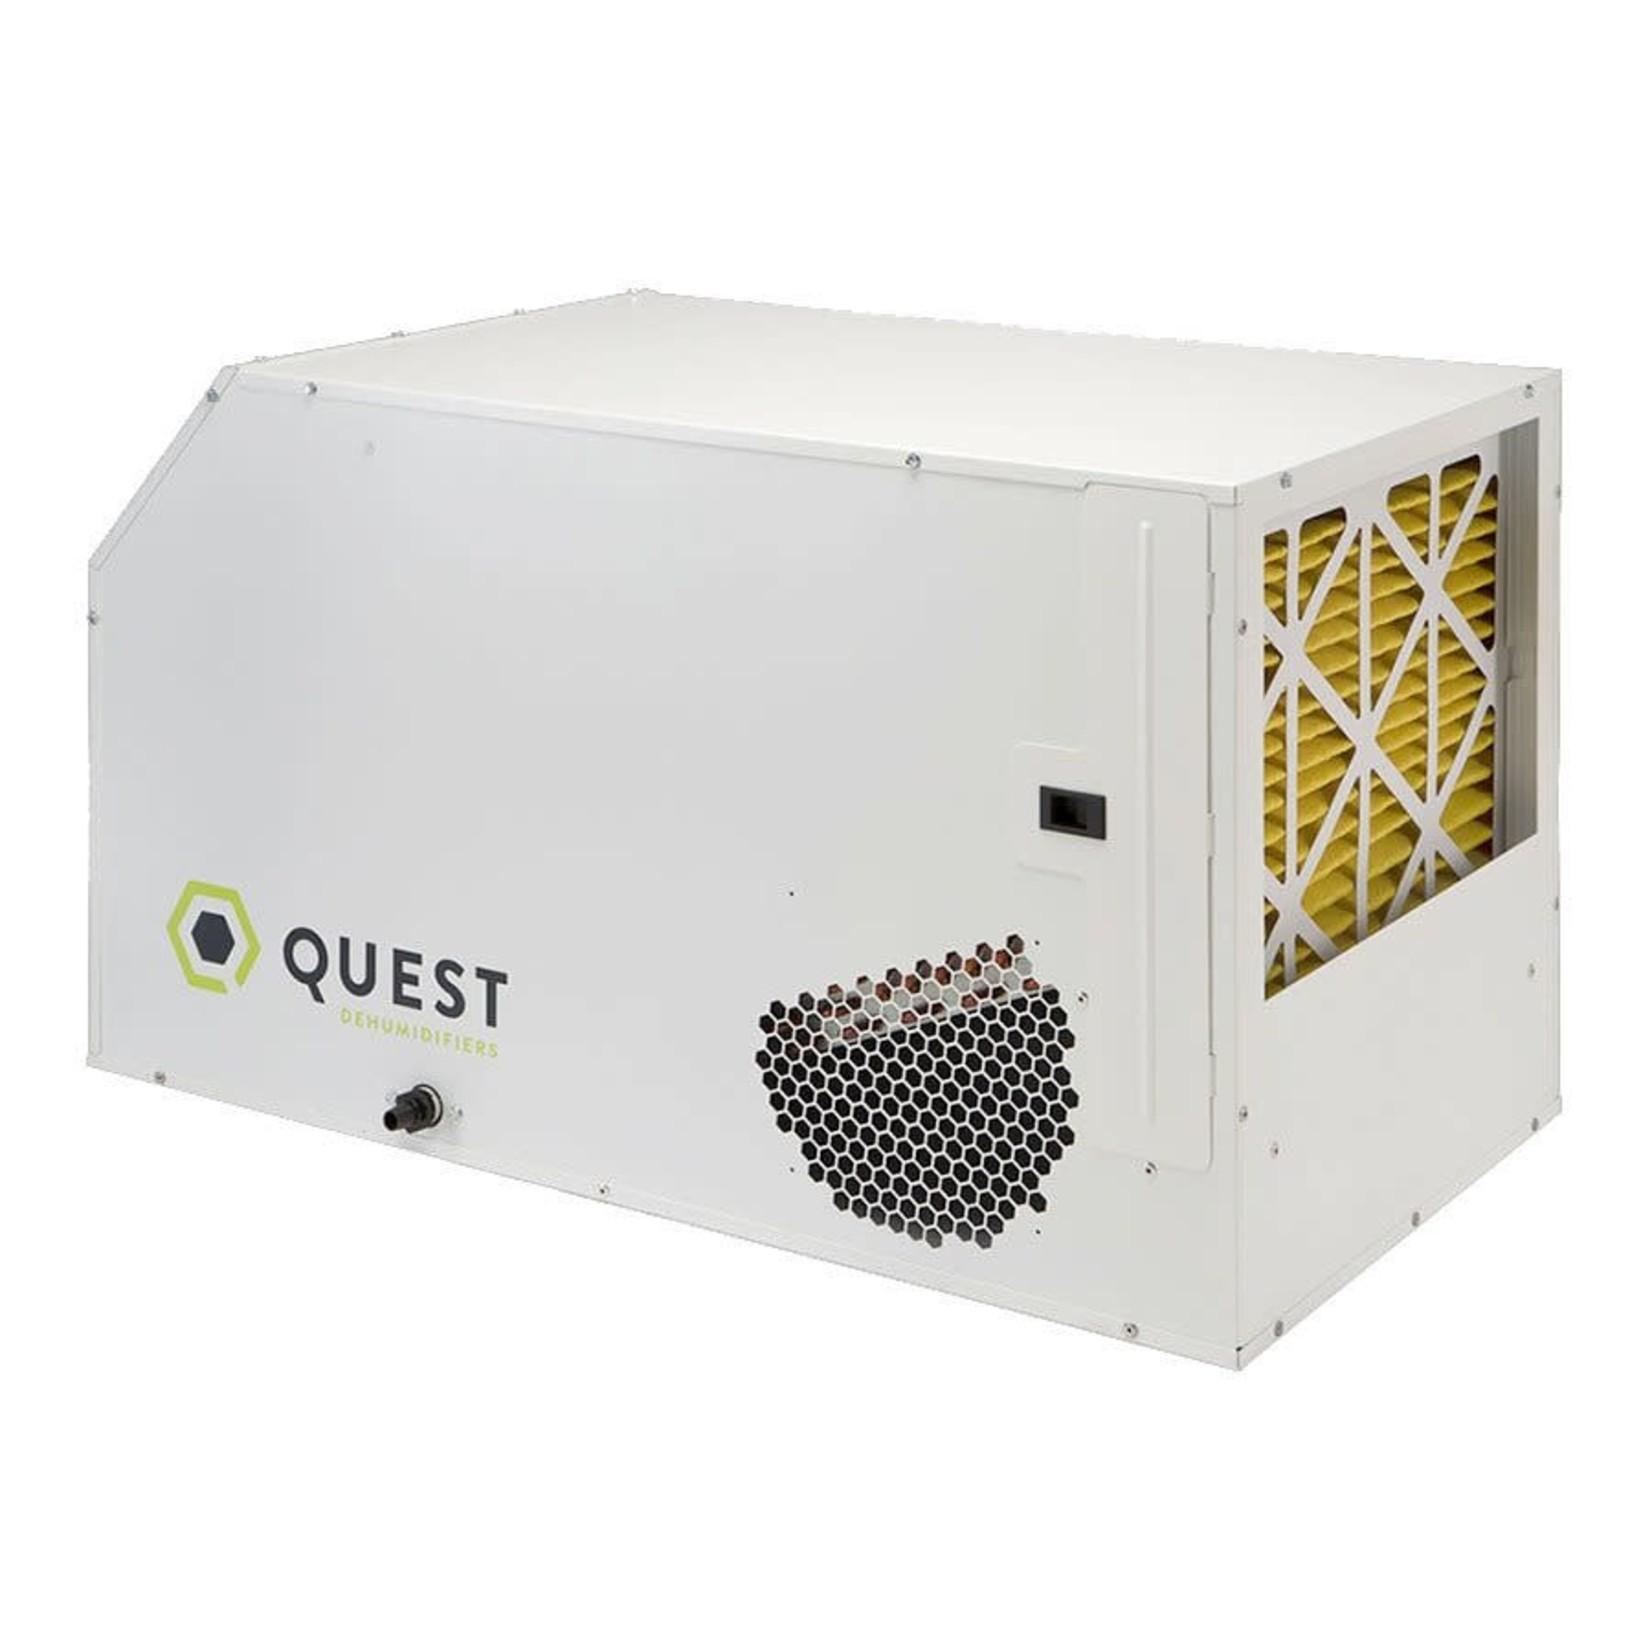 quest QUEST DUAL 225 DEHUMIDIFIER 230V (1)